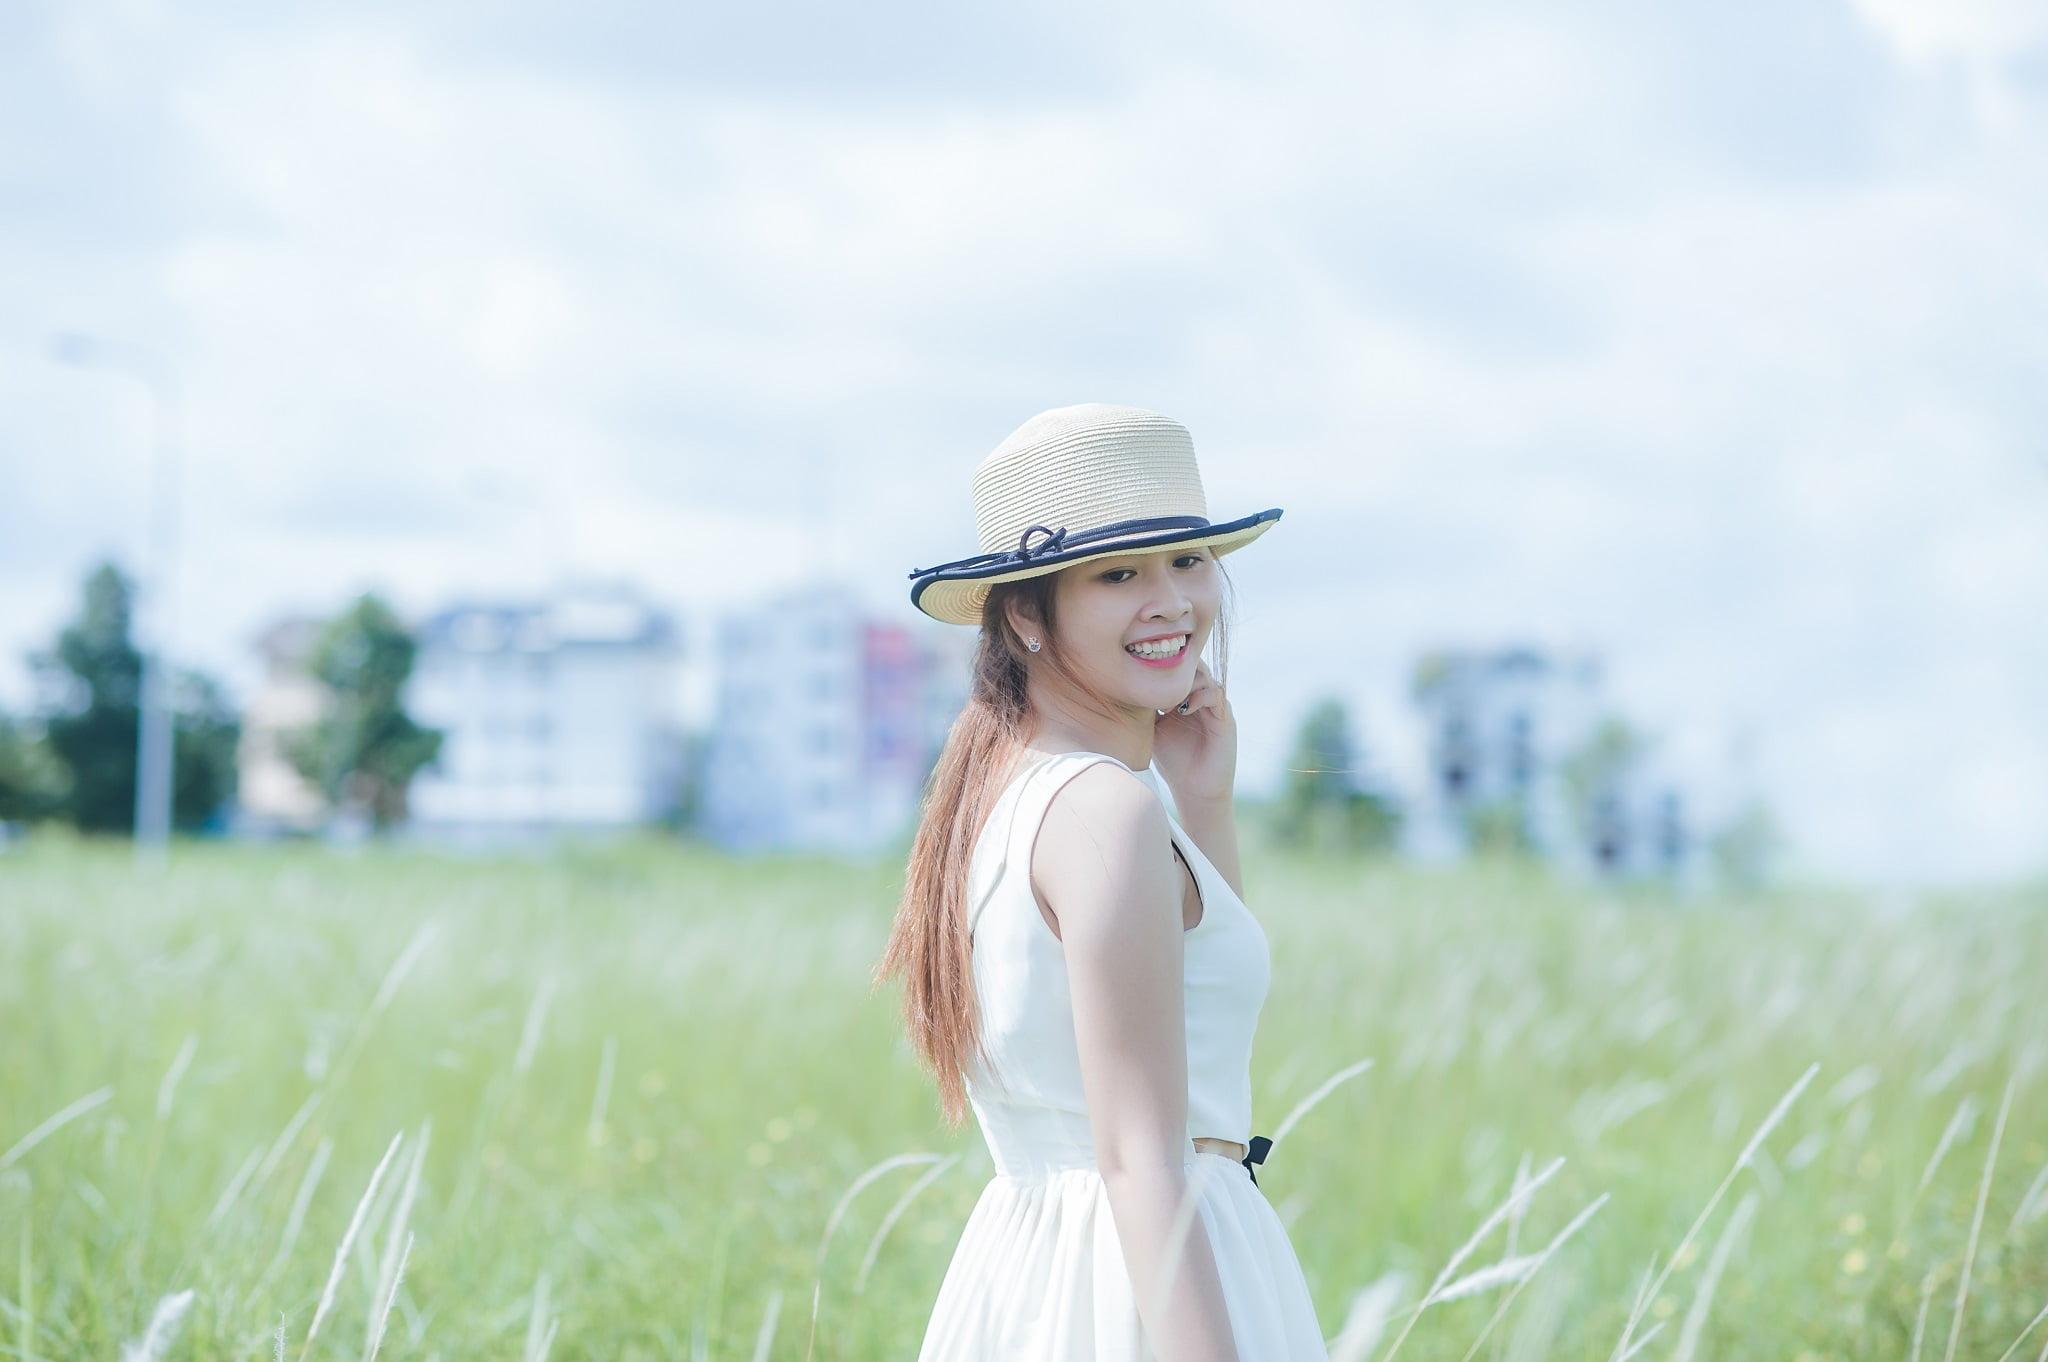 Be Trang - Ảnh chụp với cỏ lau Đảo Kim Cương, Quận 2